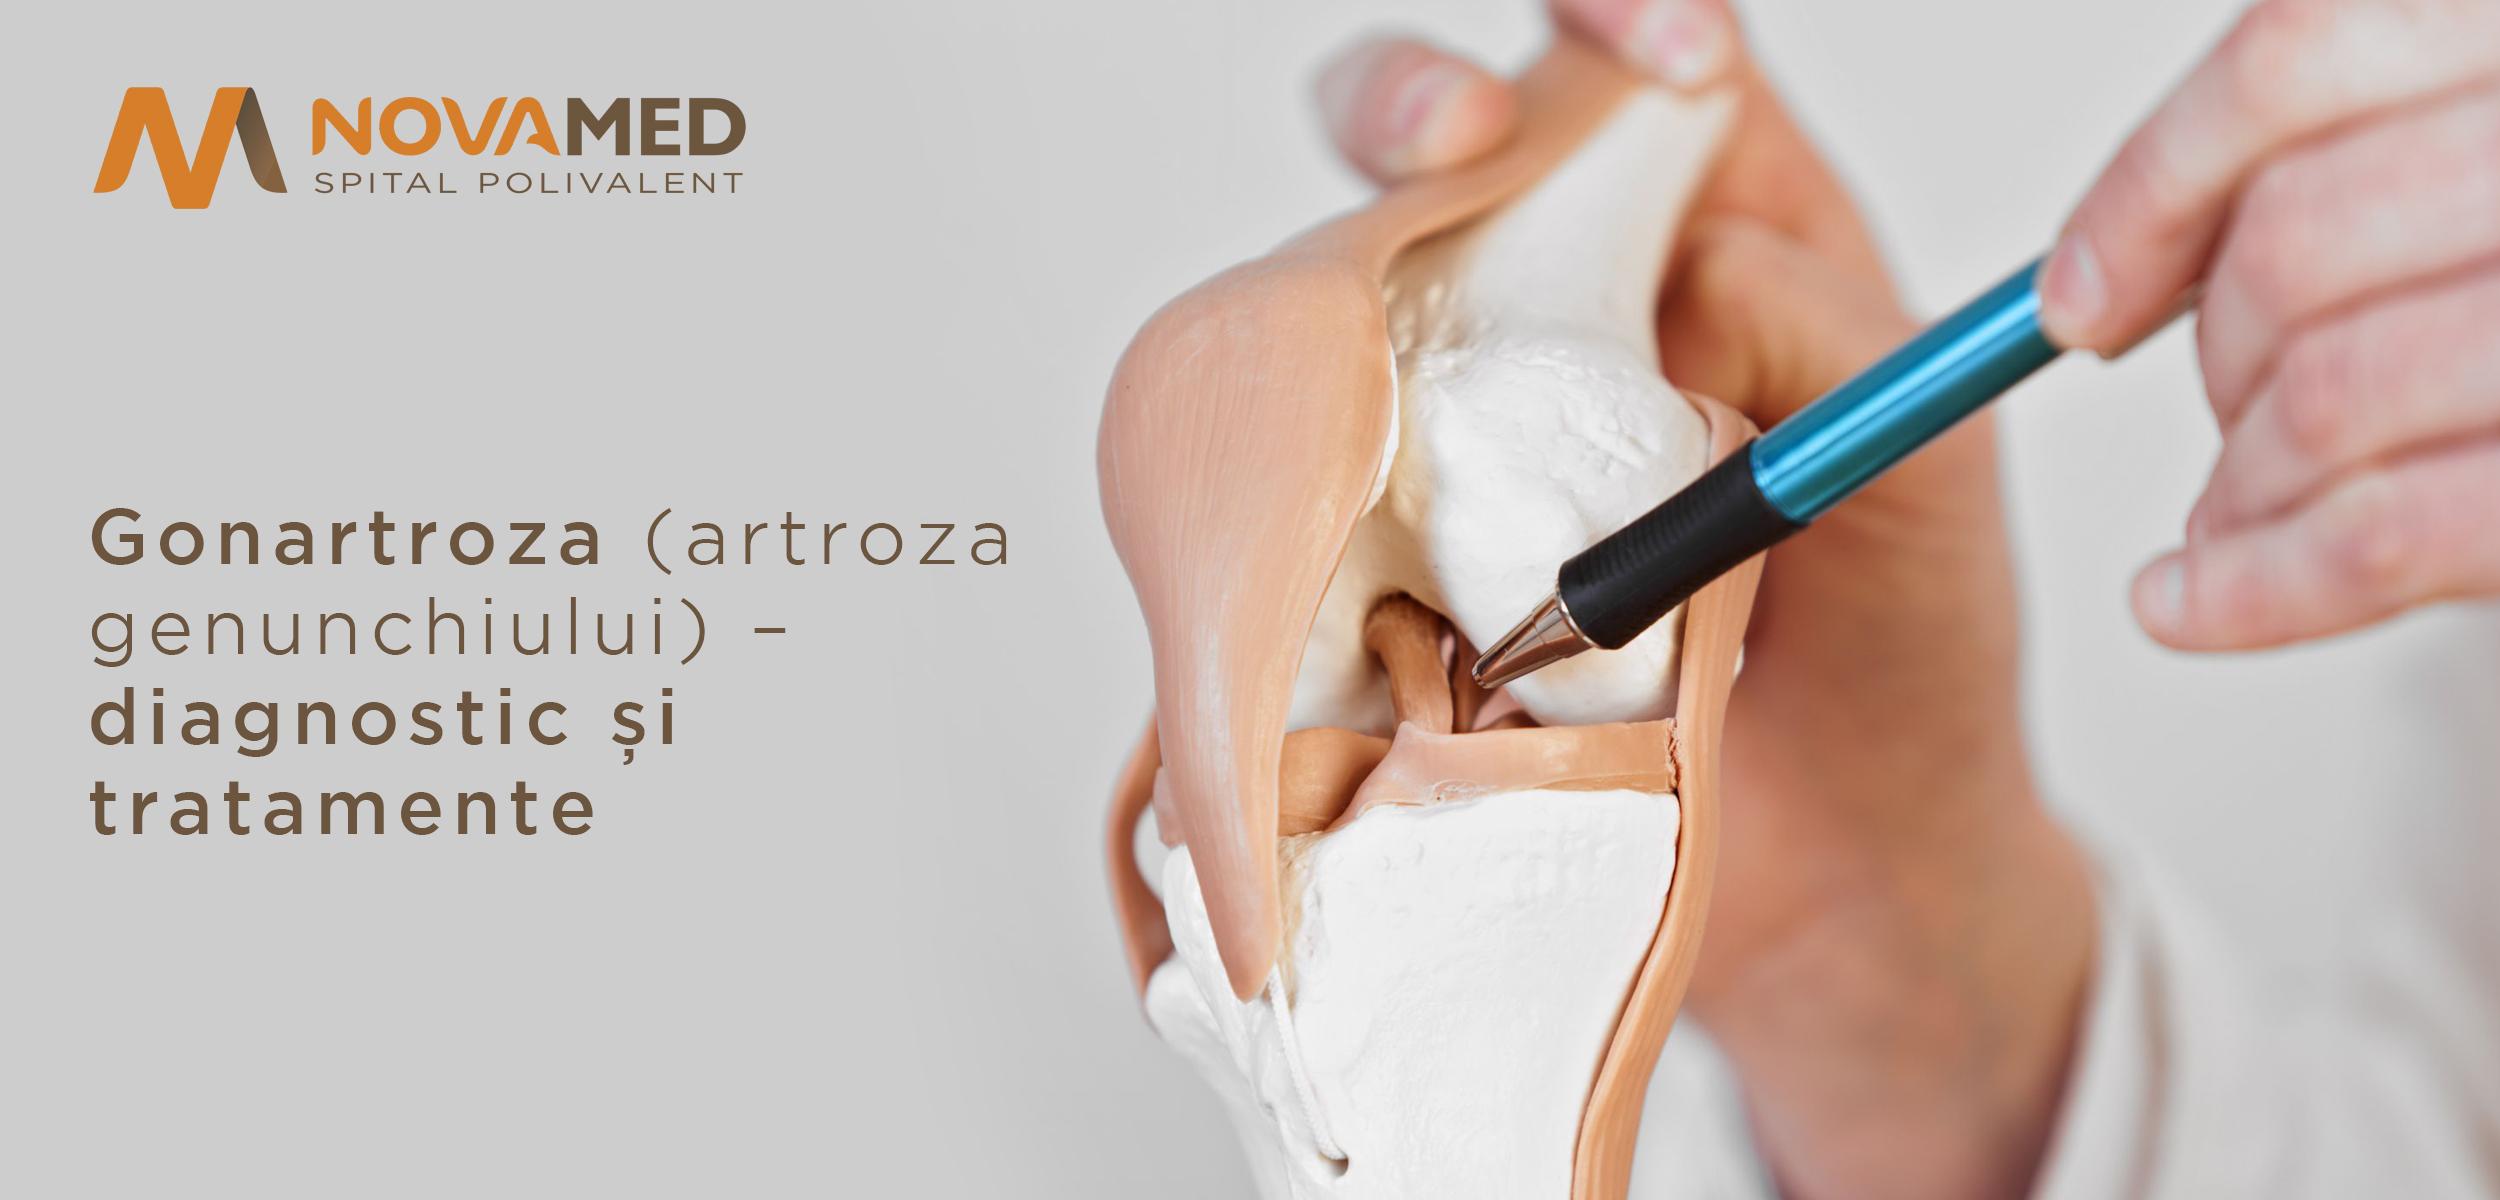 artroza 2 tratament în stadiu novocaină pentru dureri articulare